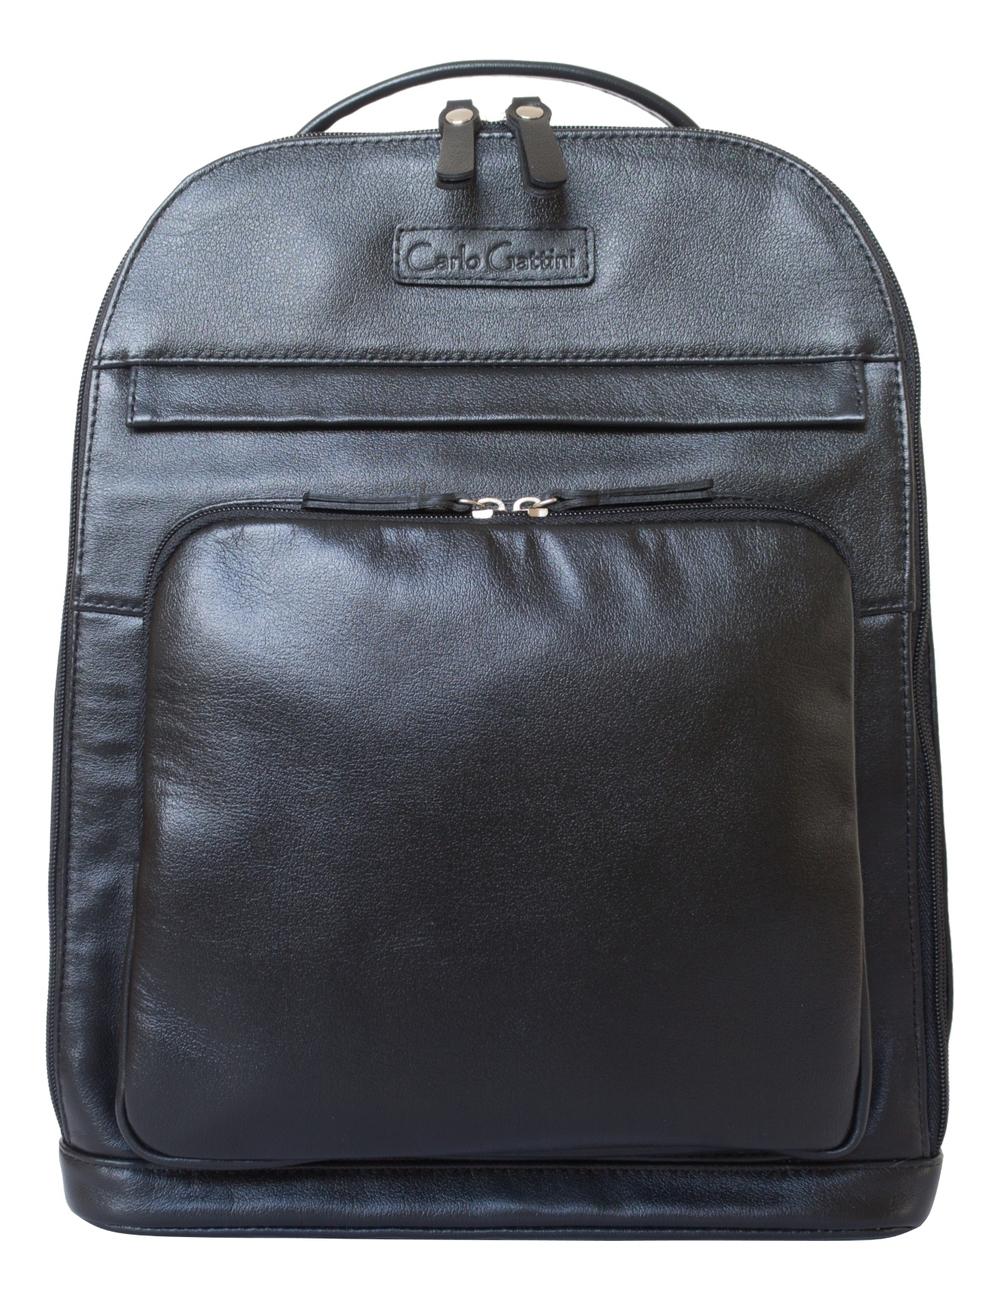 Фото - Рюкзак Montegrotto Black 3022-01 рюкзак verna black 3086 01